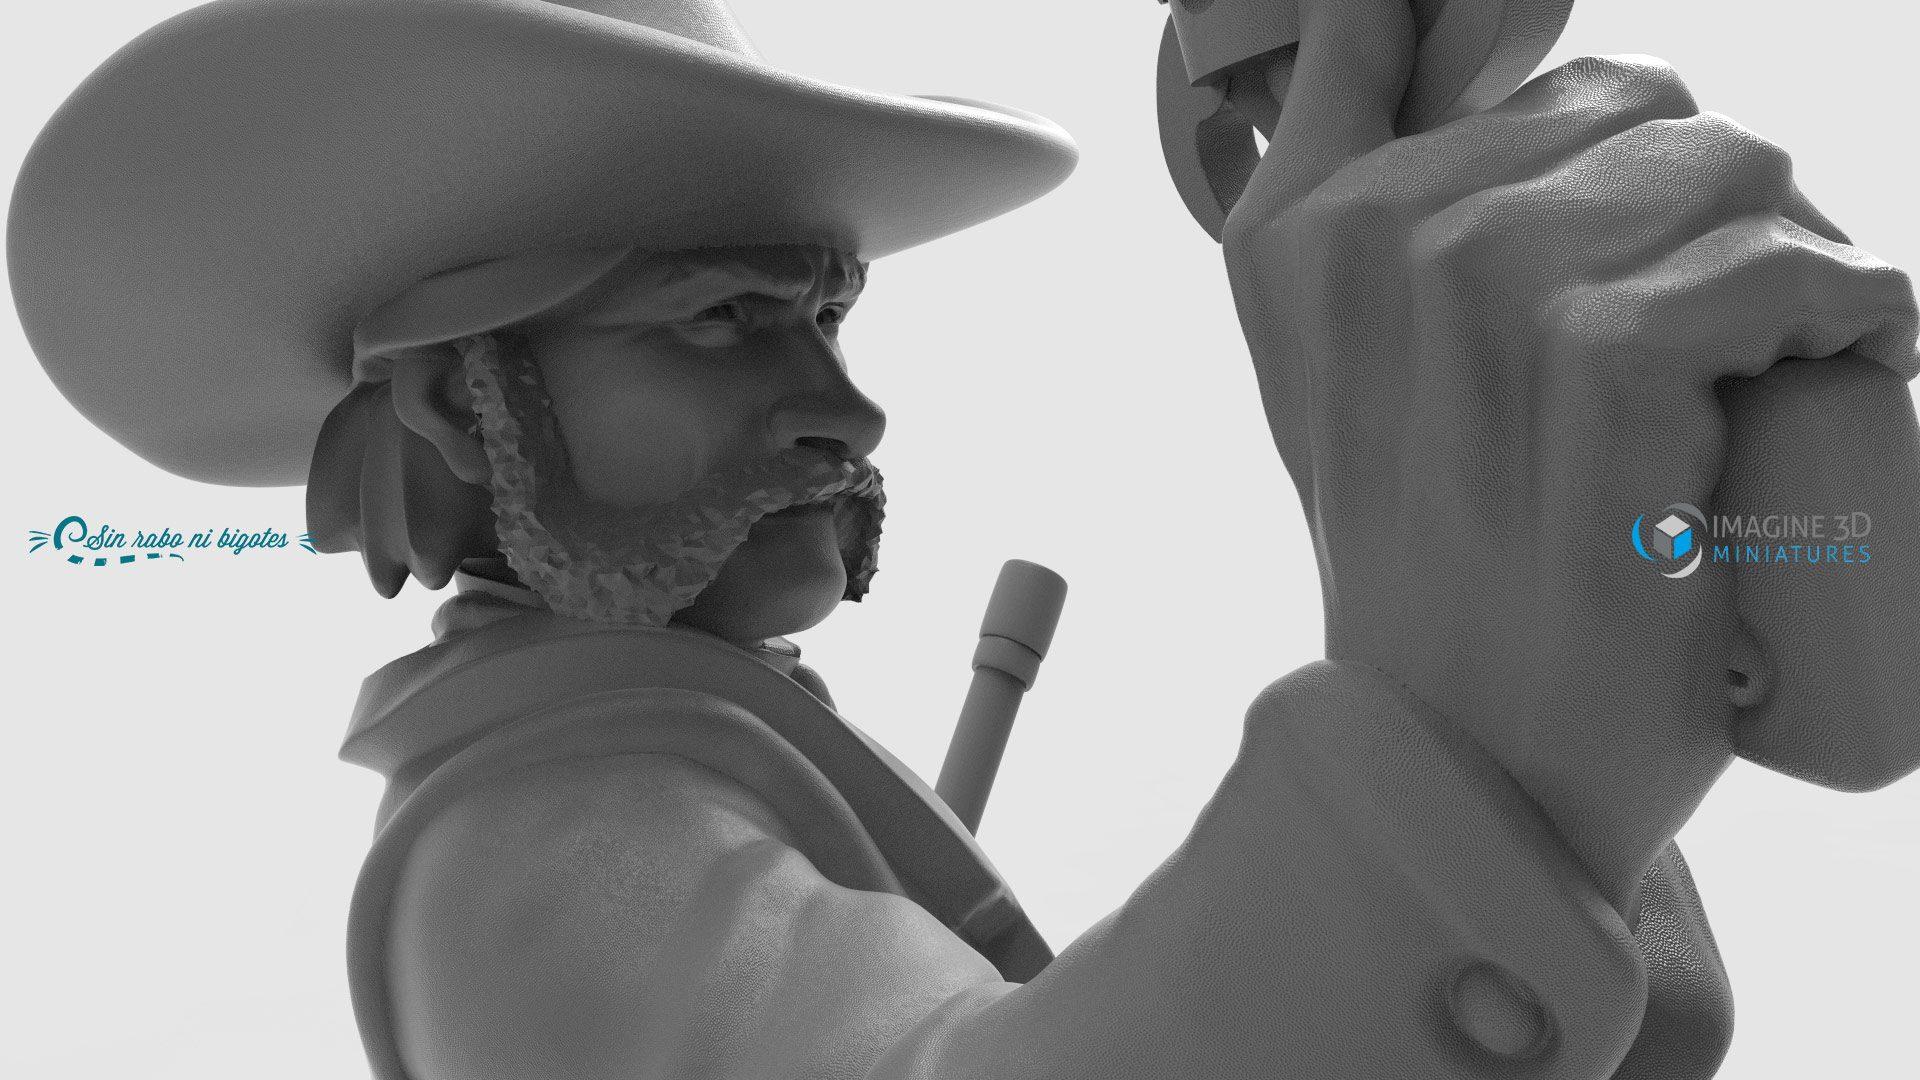 miniaturapersonalizada vaquero clint eastwood